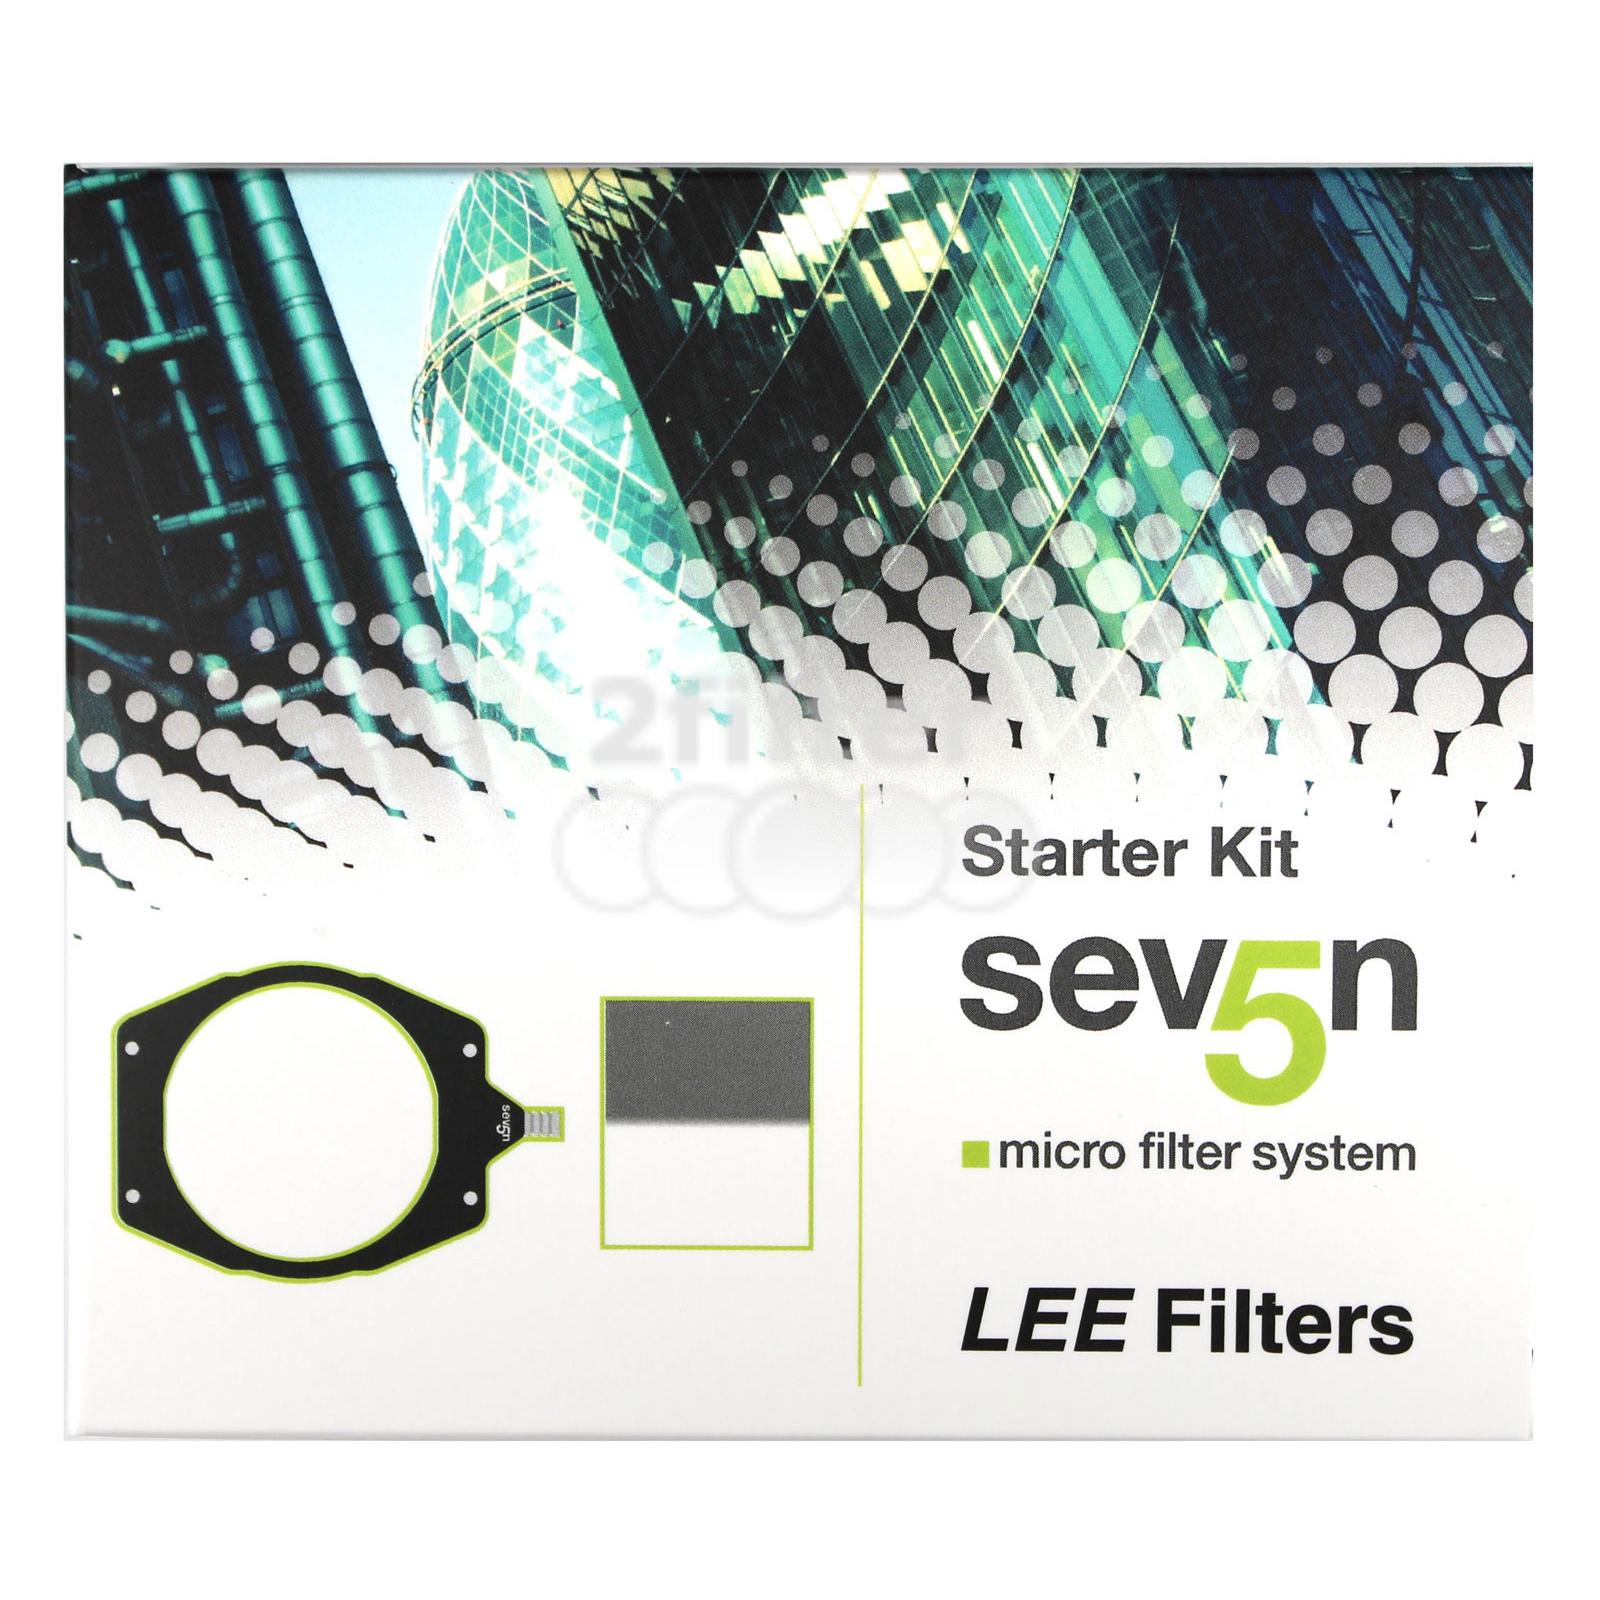 S5-Starter-Kit-Box